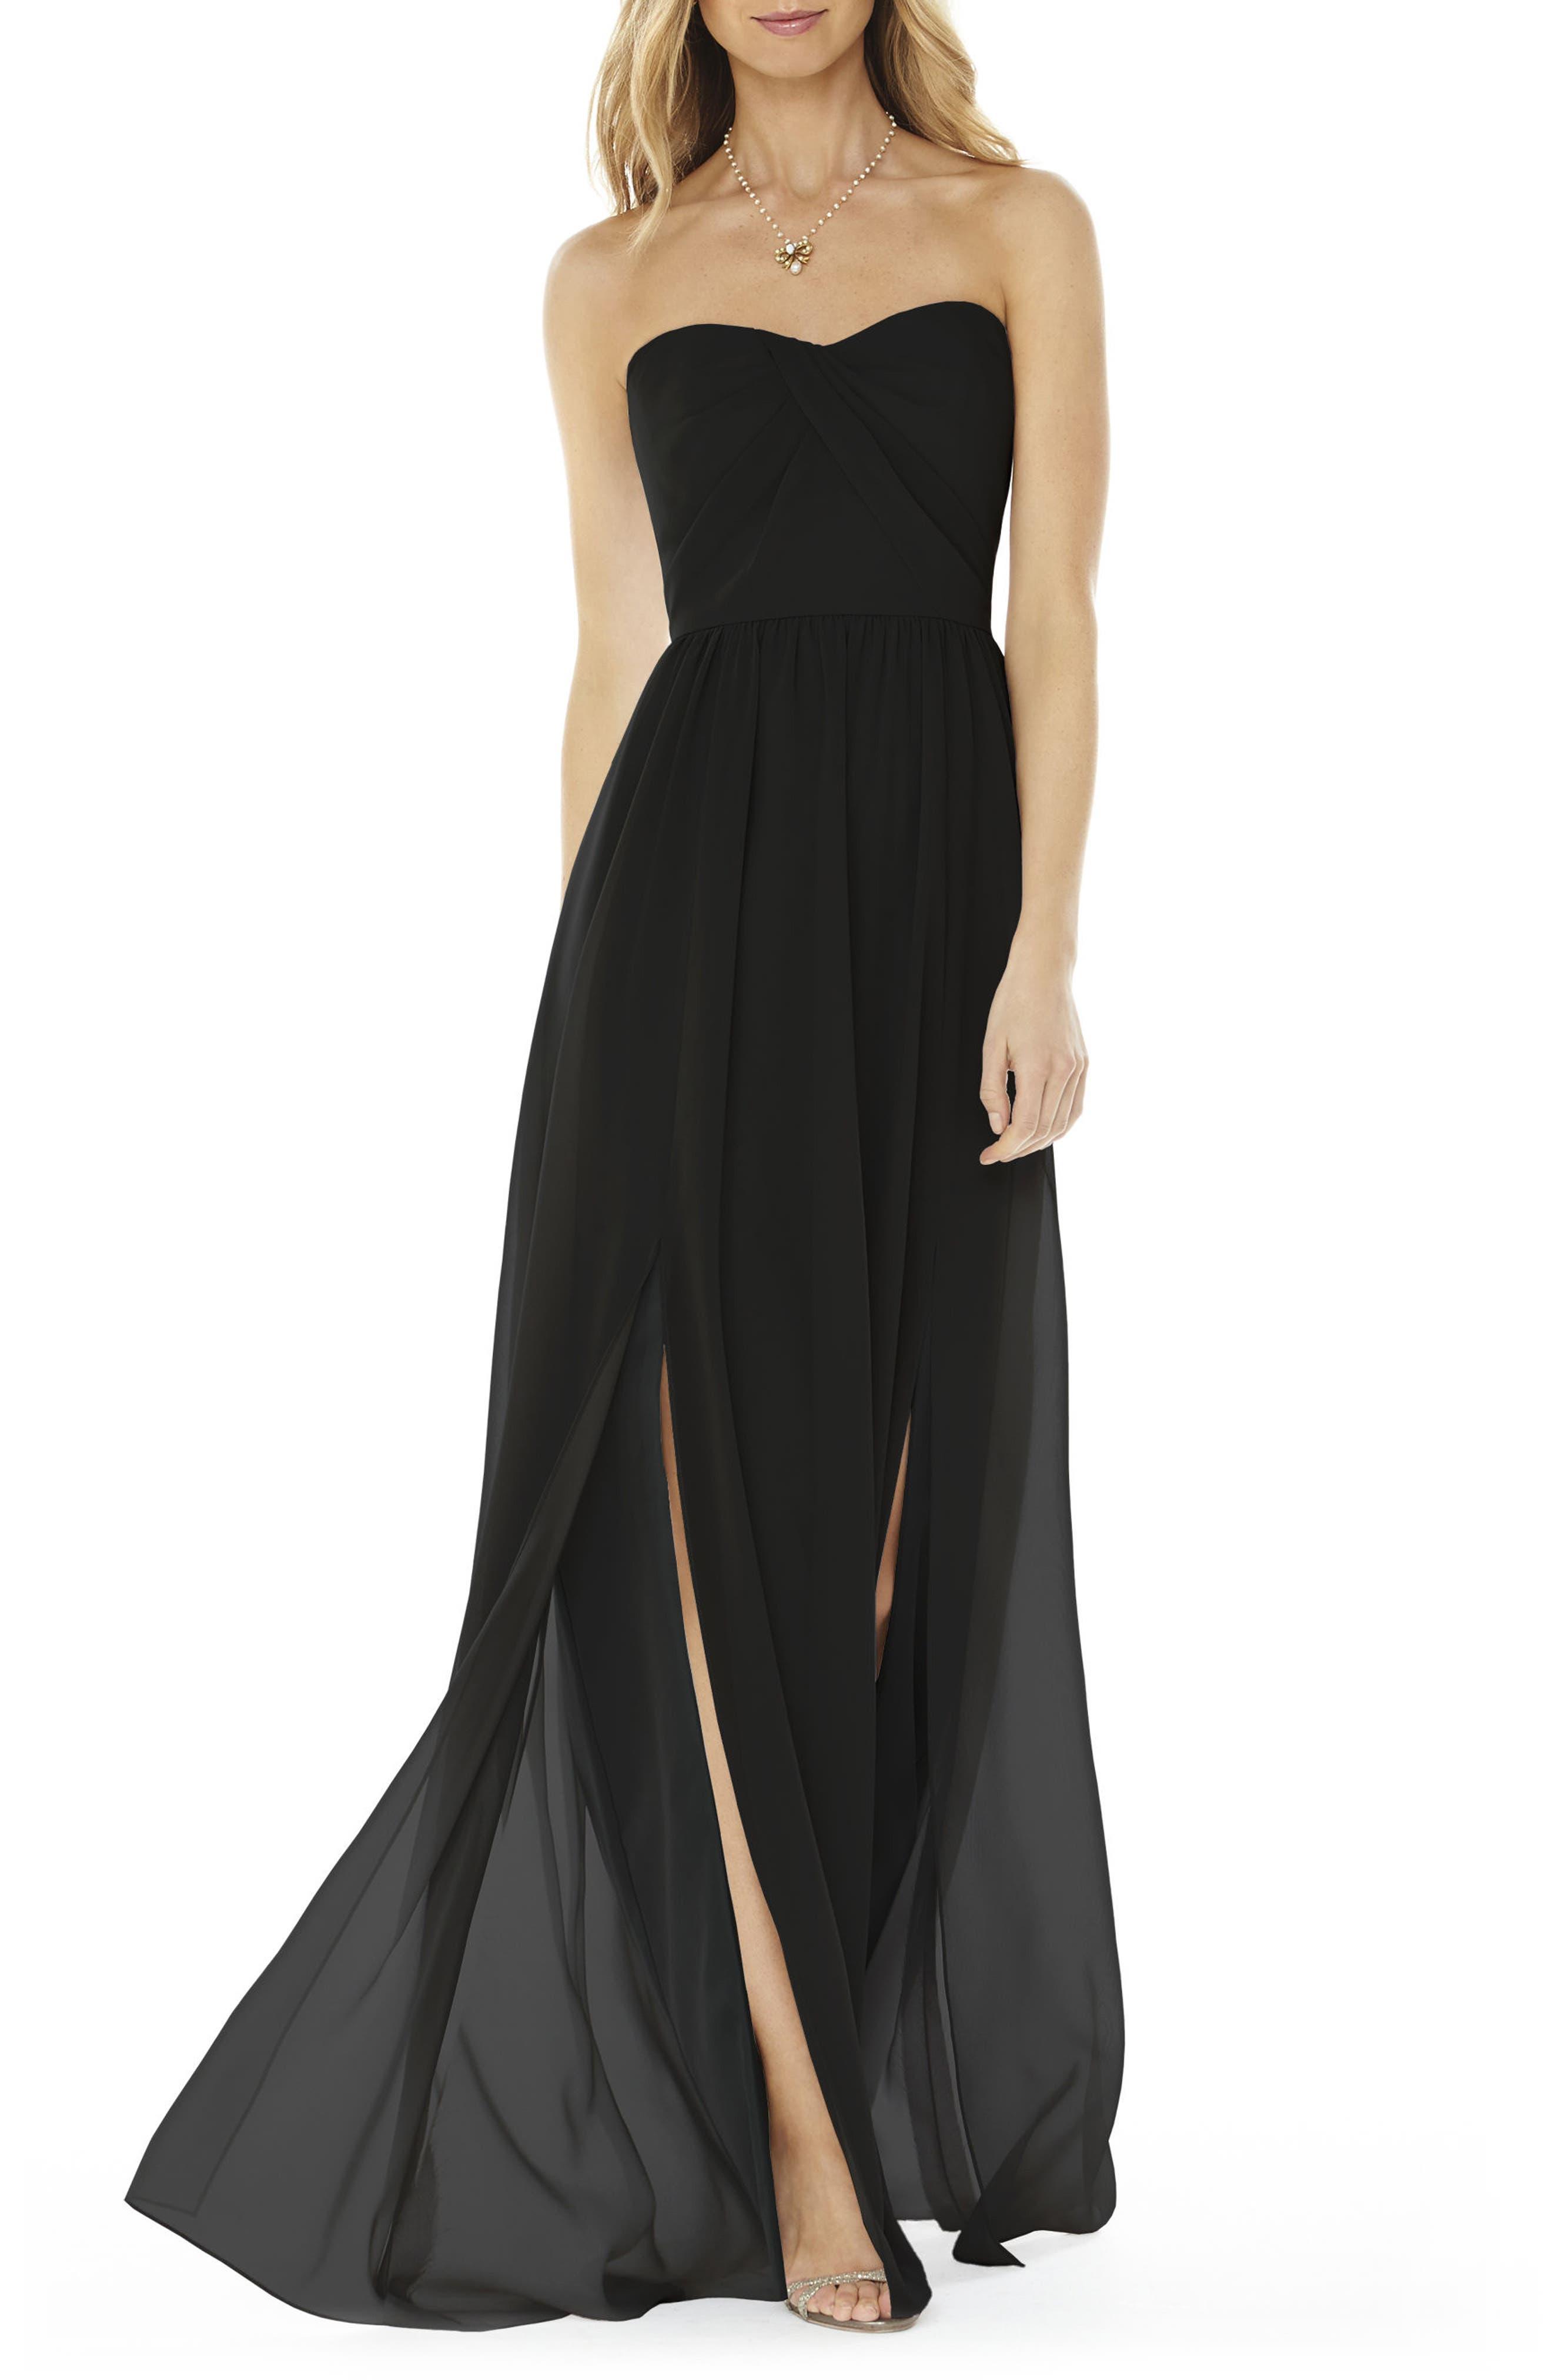 Black long gown dresses